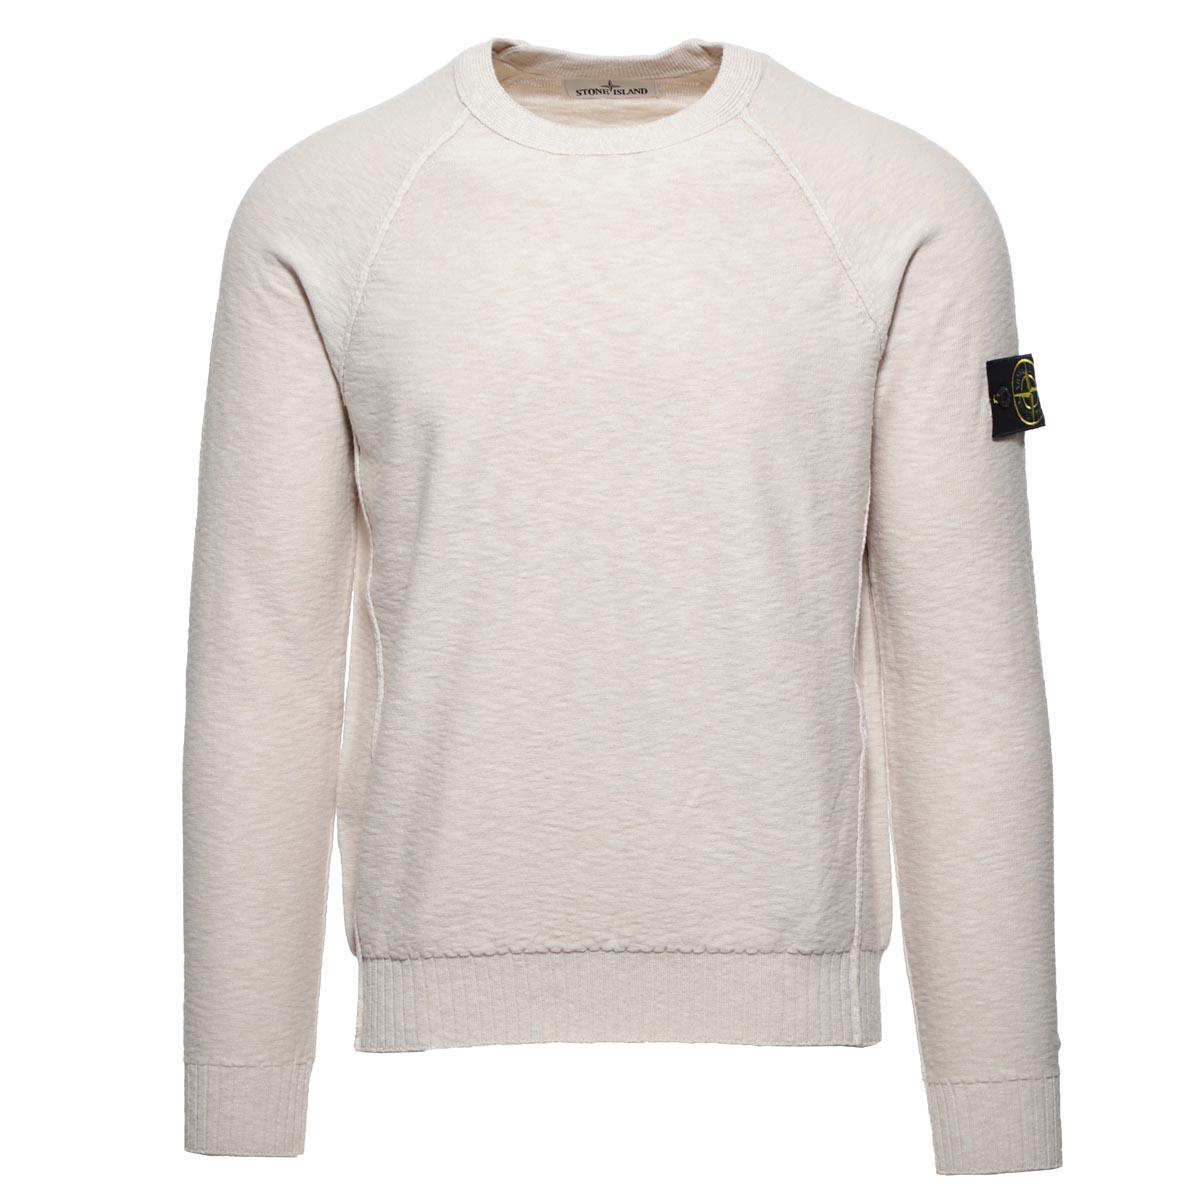 【アウトレット】【ラスト1点】STONE ISLAND  ストーンアイランド クルーネック セーター/503B0 CREWNECK SWEATER メンズ